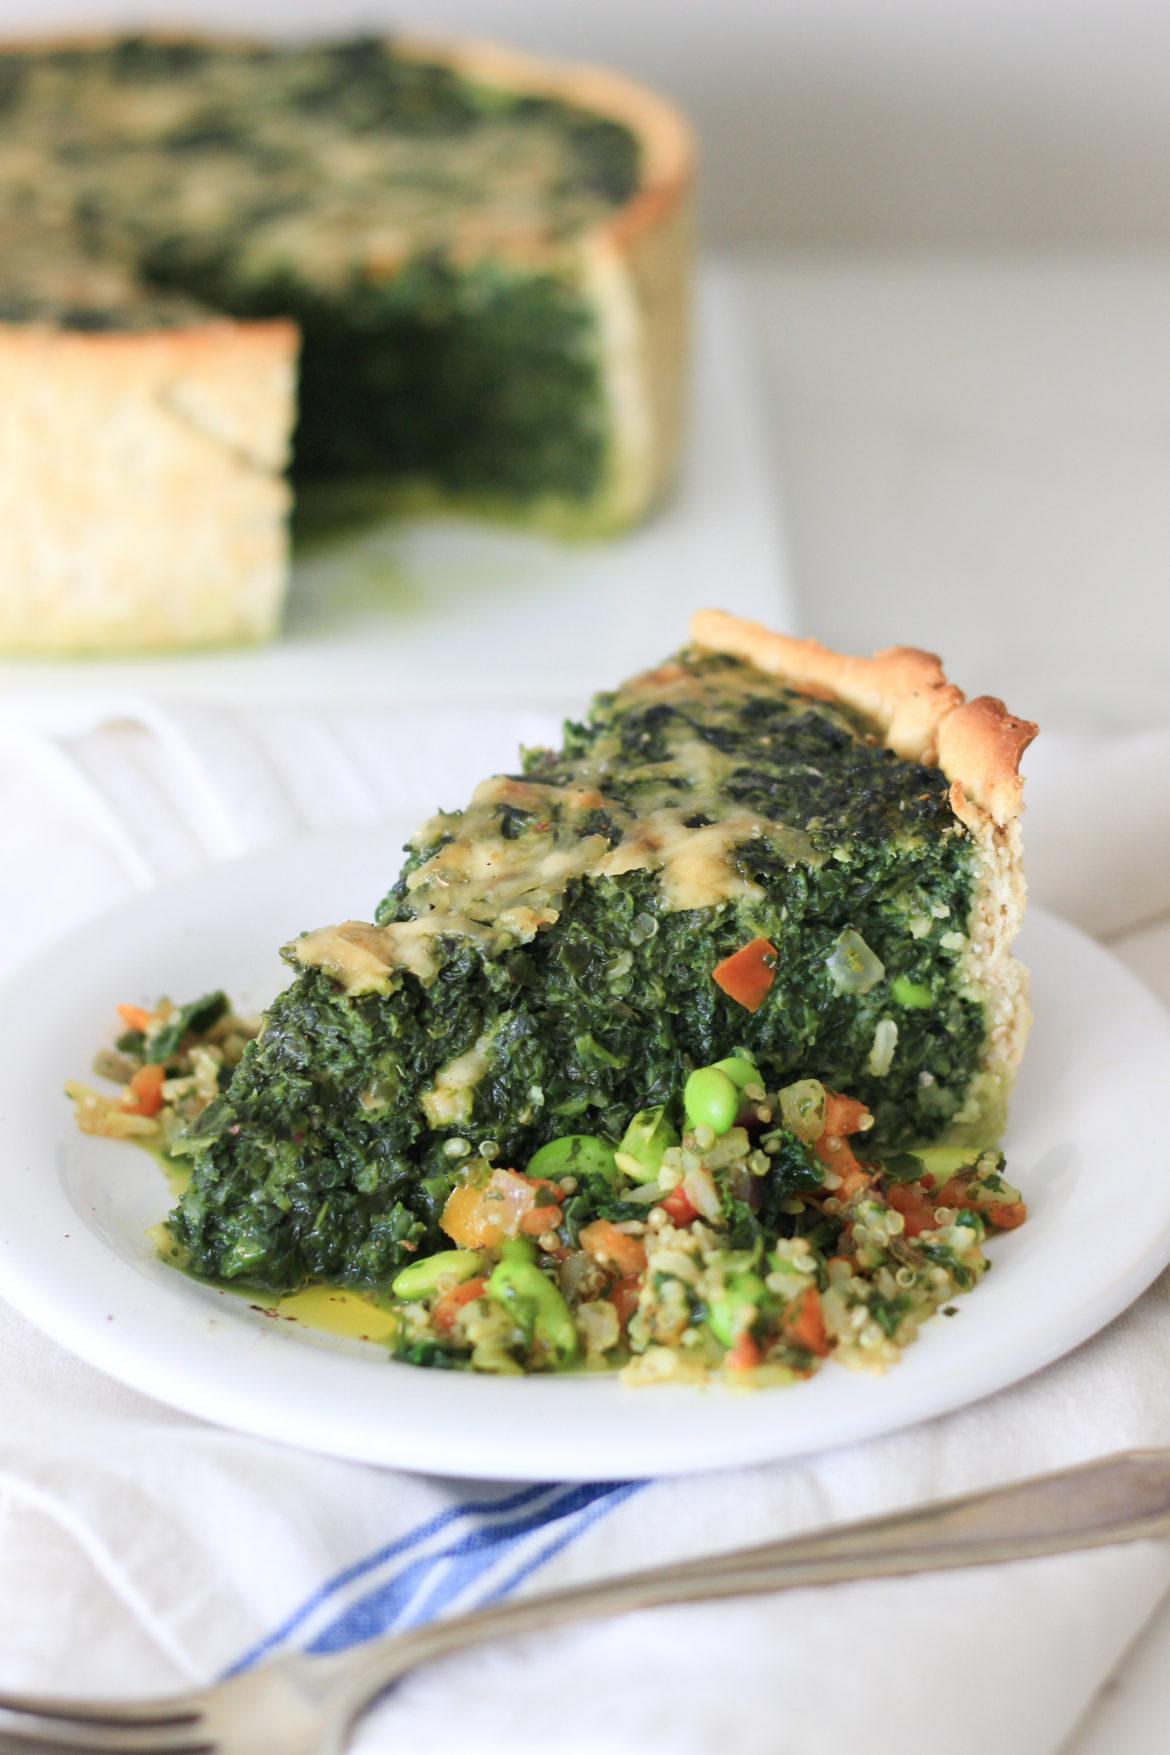 tarta de espinacas, como hacer masa casera, como hacer tarta de espinacas con espinacas congeladas, Ardo, vegetales Ardo